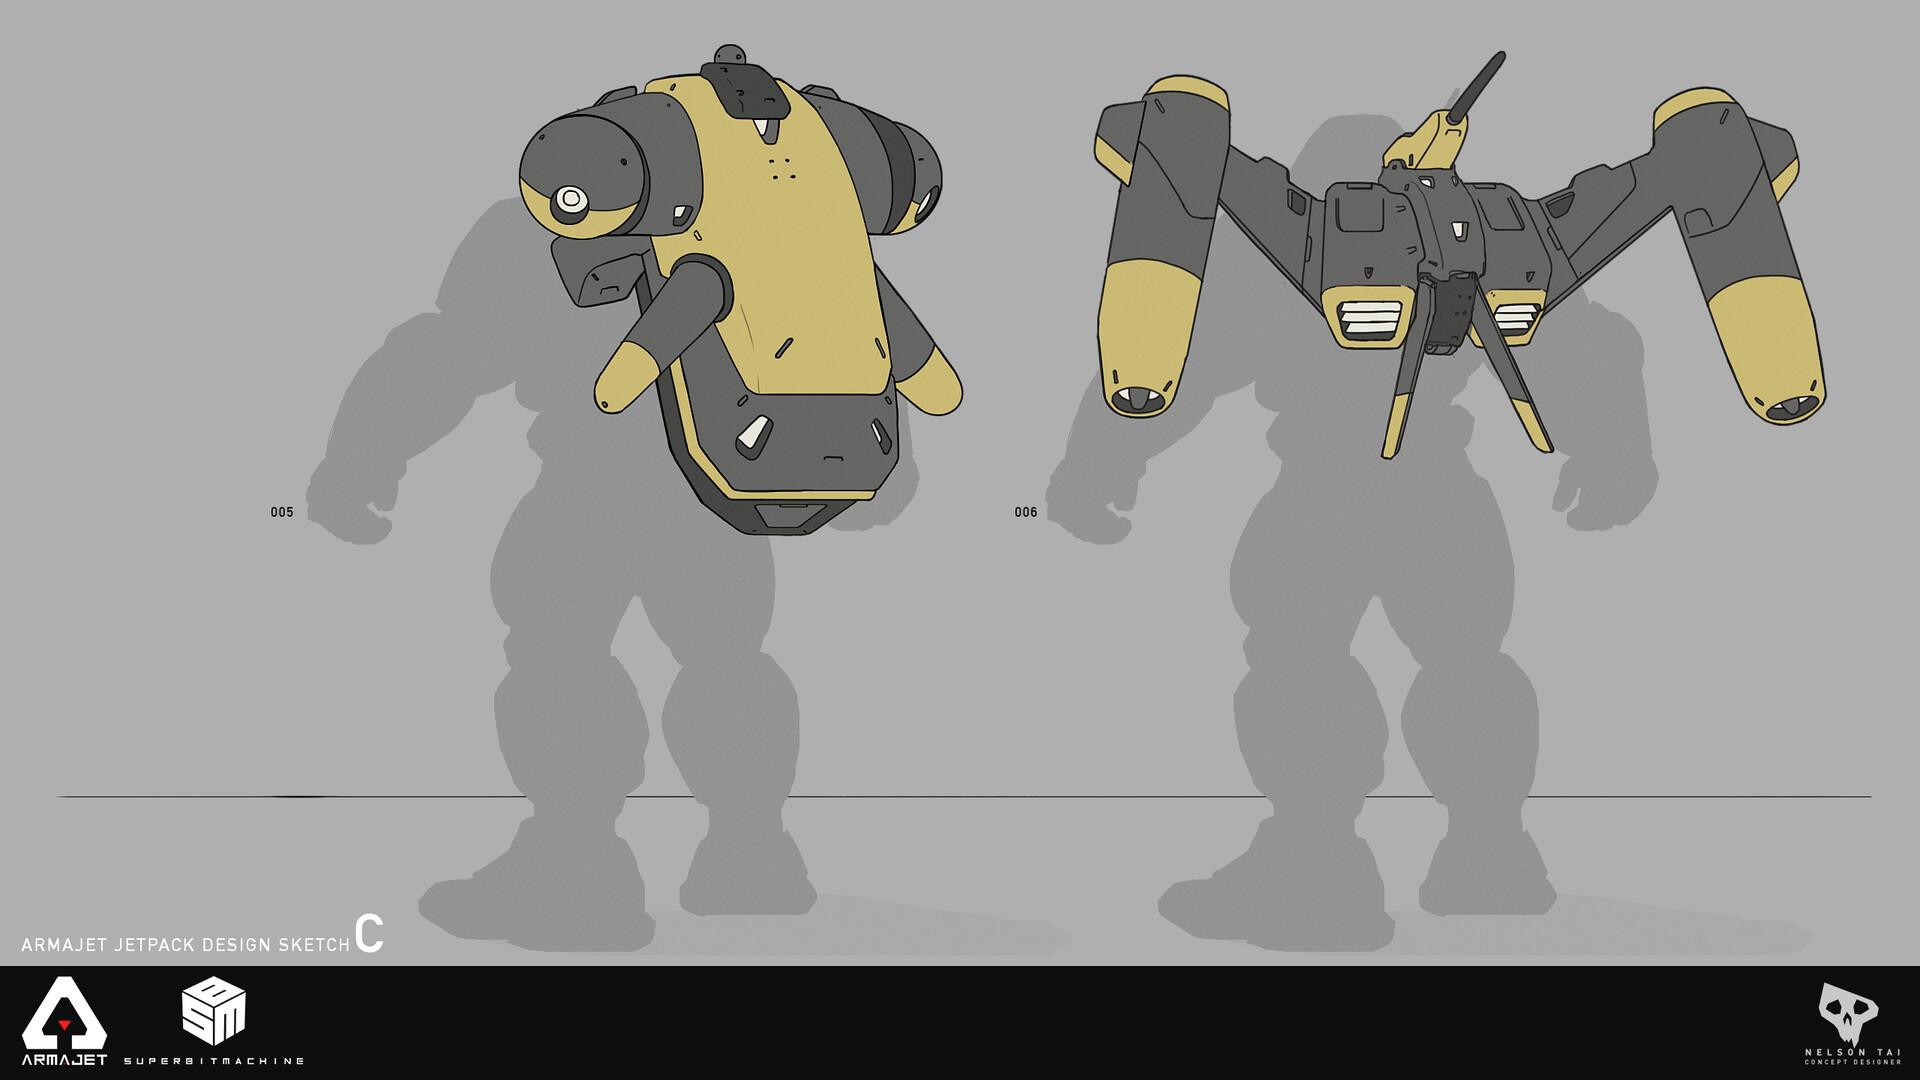 Armajet Jetpack Design C